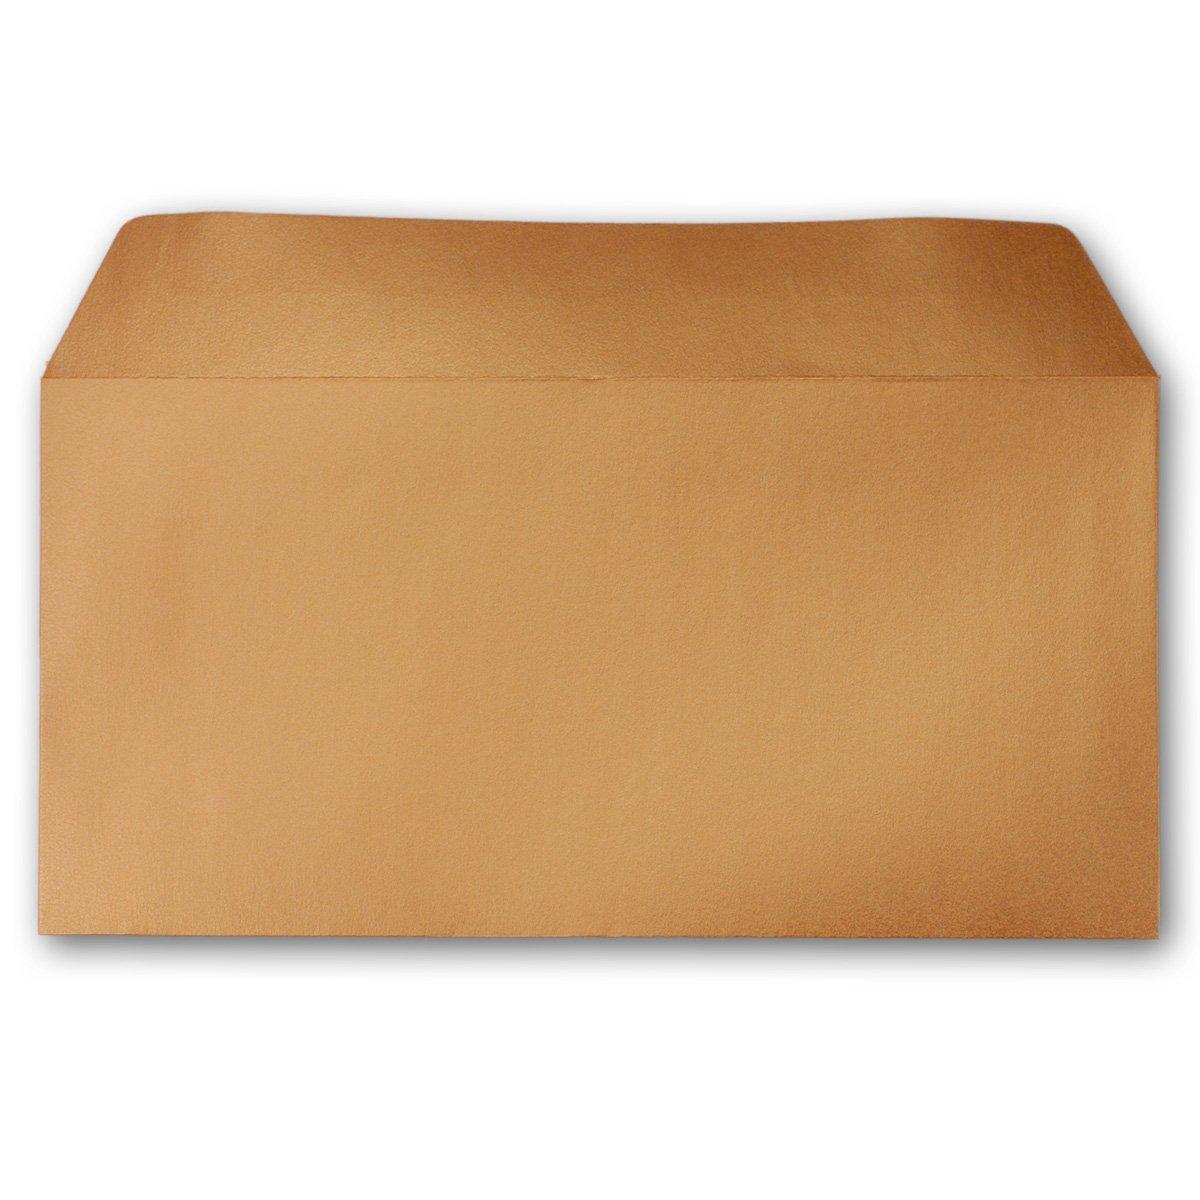 Haftklebung Hochzeit /& Weihnachten gl/änzende Kuverts f/ür gro/ße Einladungen und Karten 150 Silber-Metallic Brief-Umschl/äge DIN Lang 100 x 220 mm